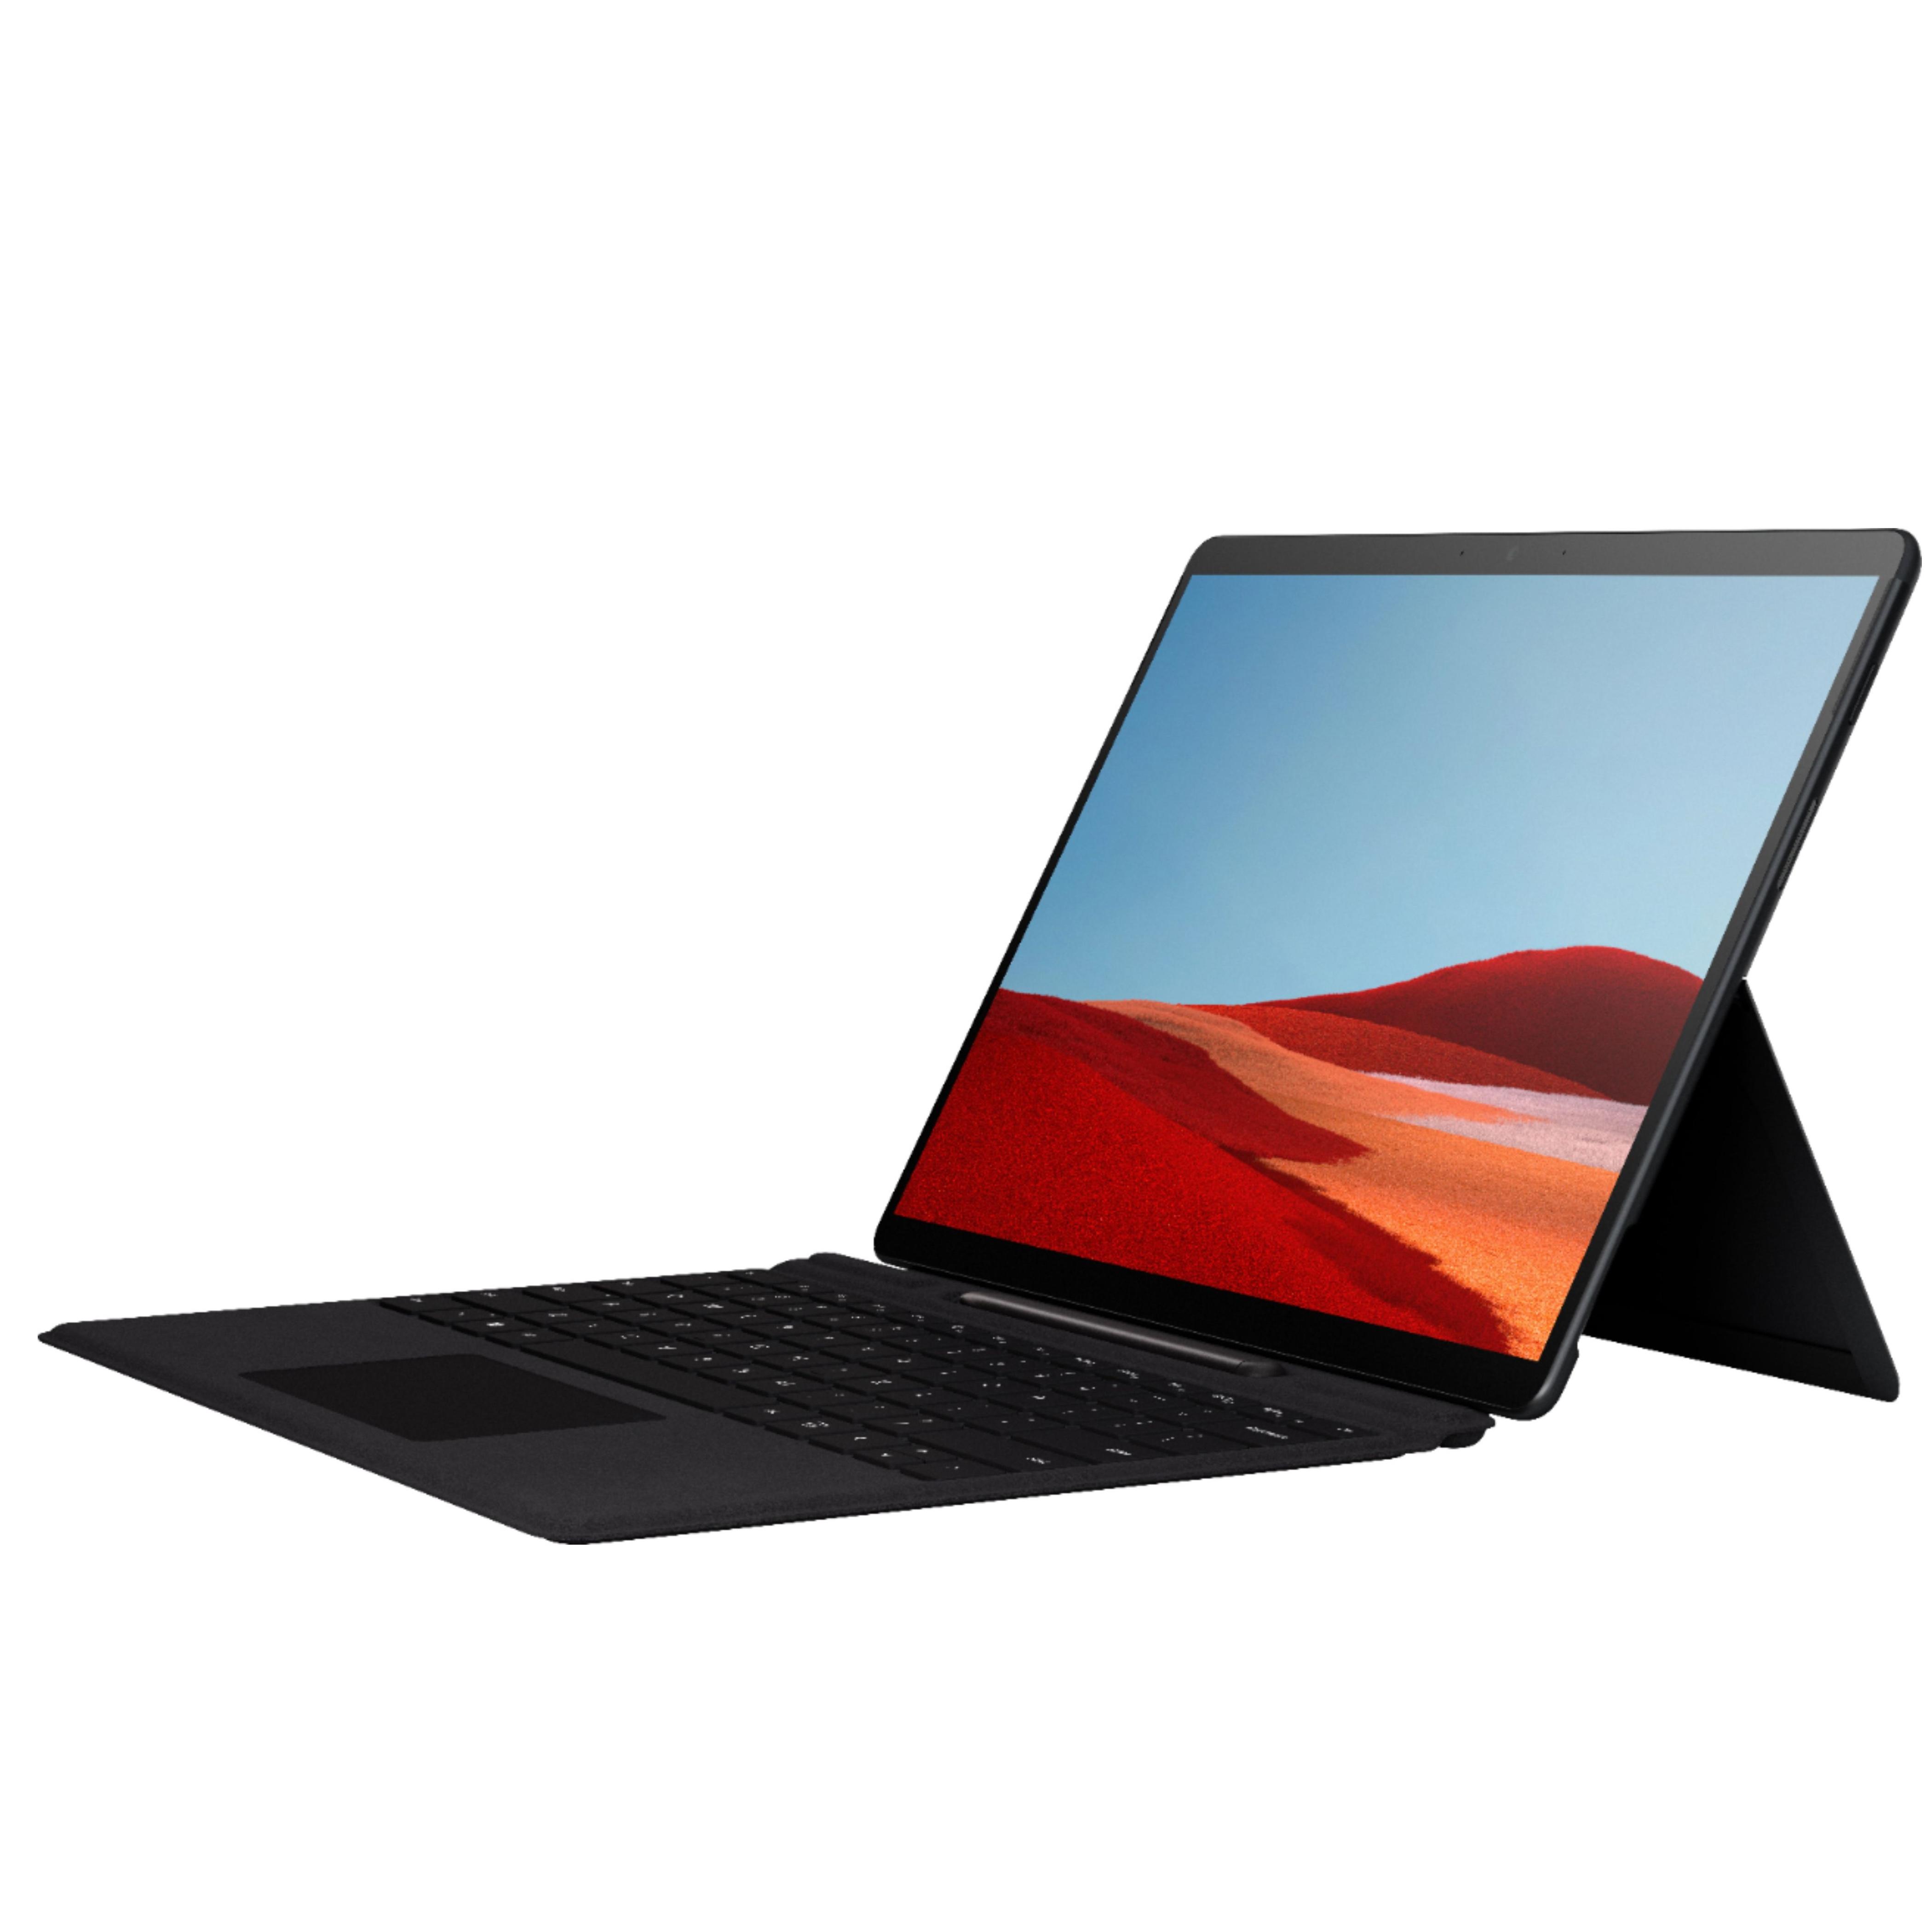 Surface Pro X SQ1 RAM 8GB SSD 256GB